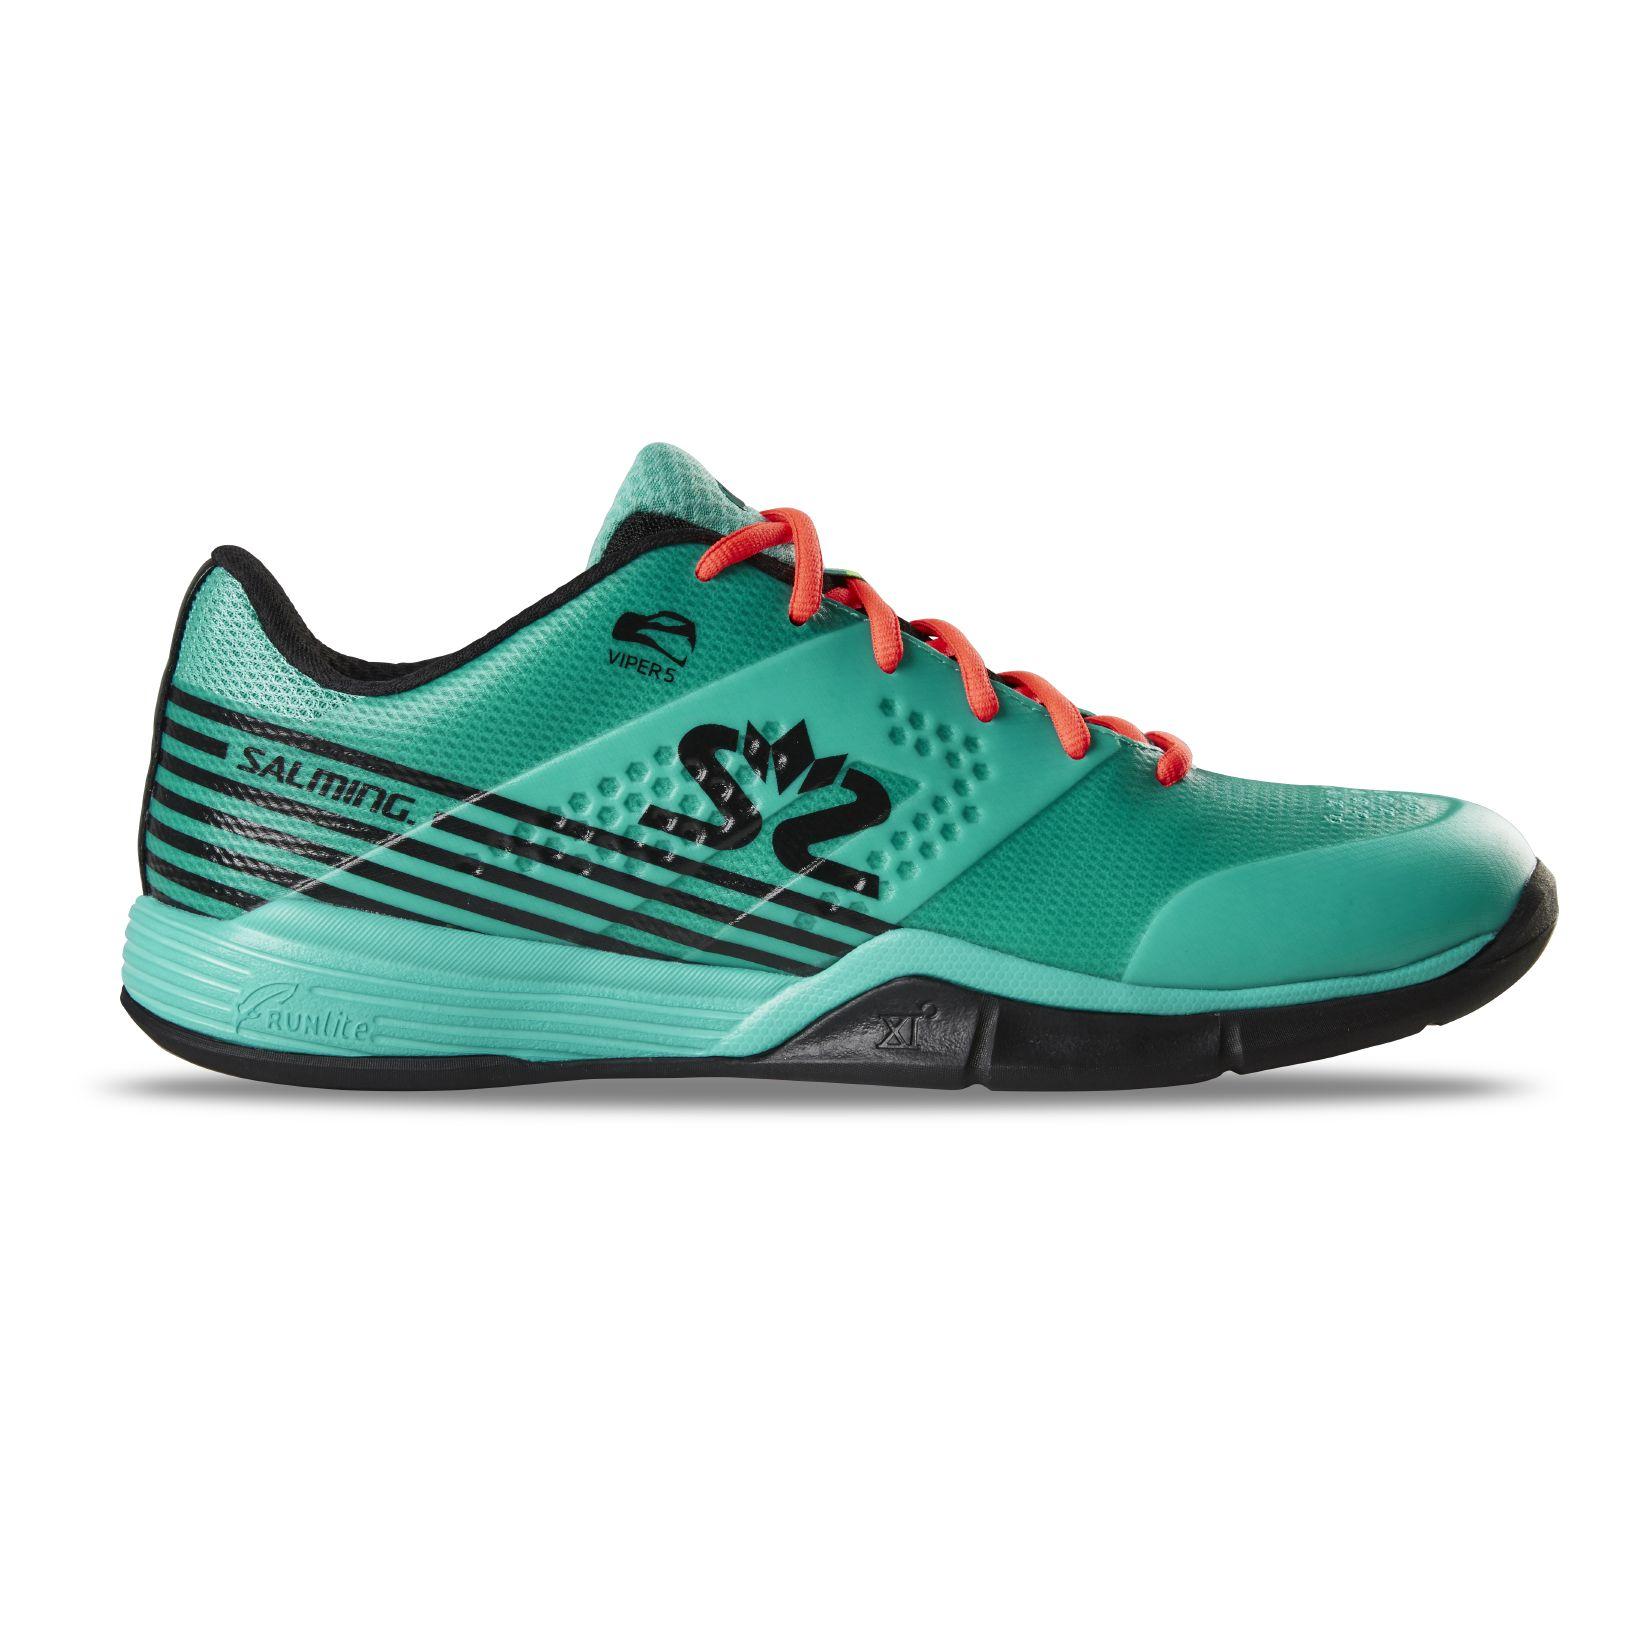 Salming Viper 5 Shoe Men Turquoise/Black 10,5 UK - 46 EUR - 29,5 cm